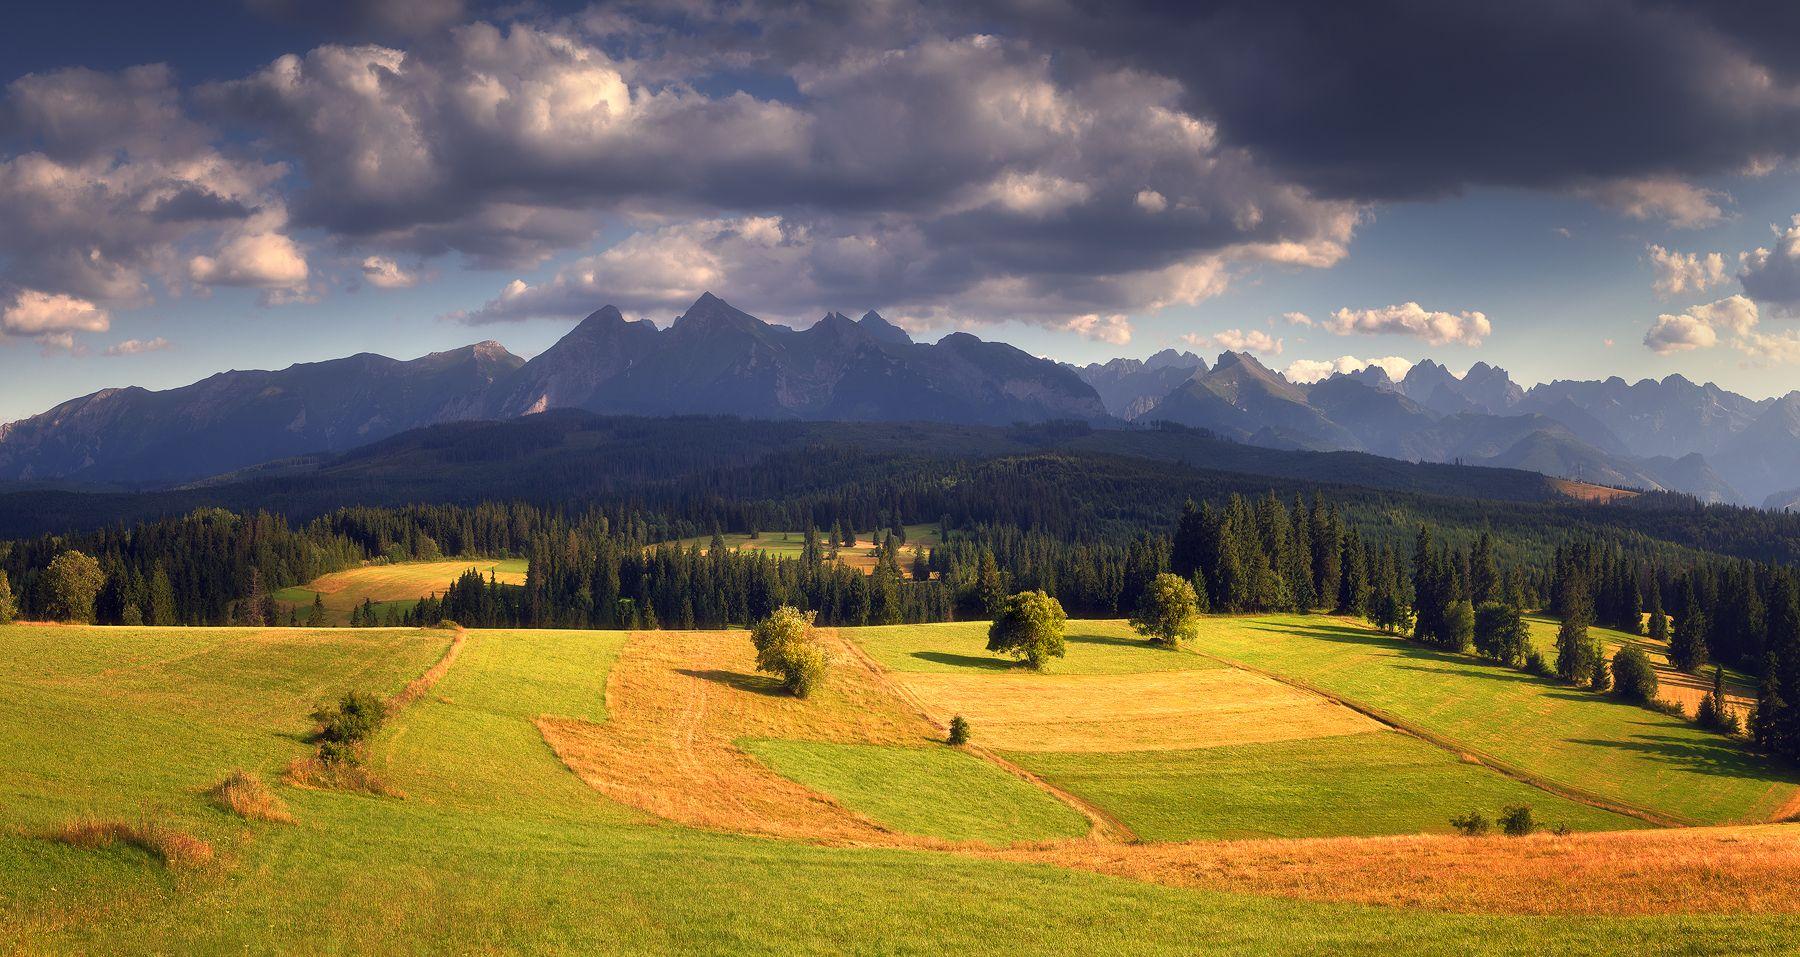 панорама, татры, горы, вечер, польша, Евгений Матюшенков